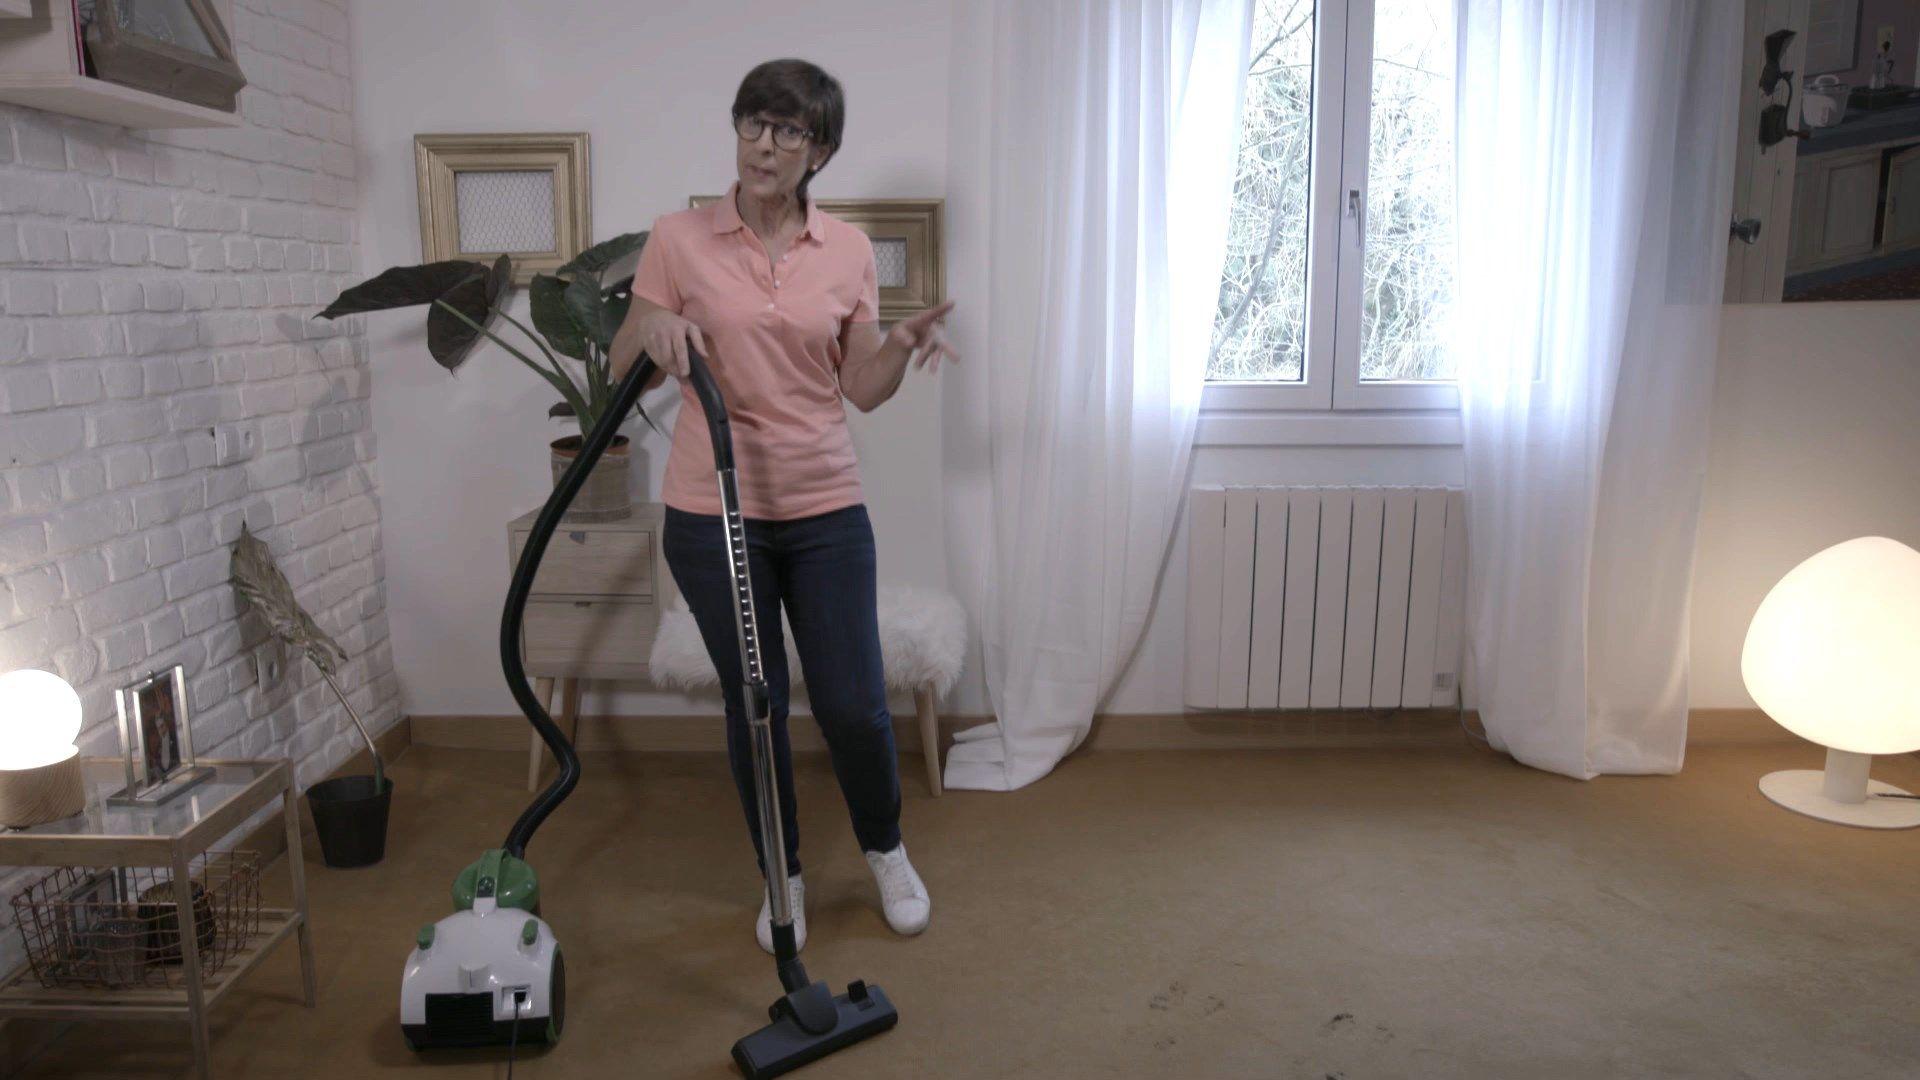 Pasar la aspiradora para limpiar las alfombras